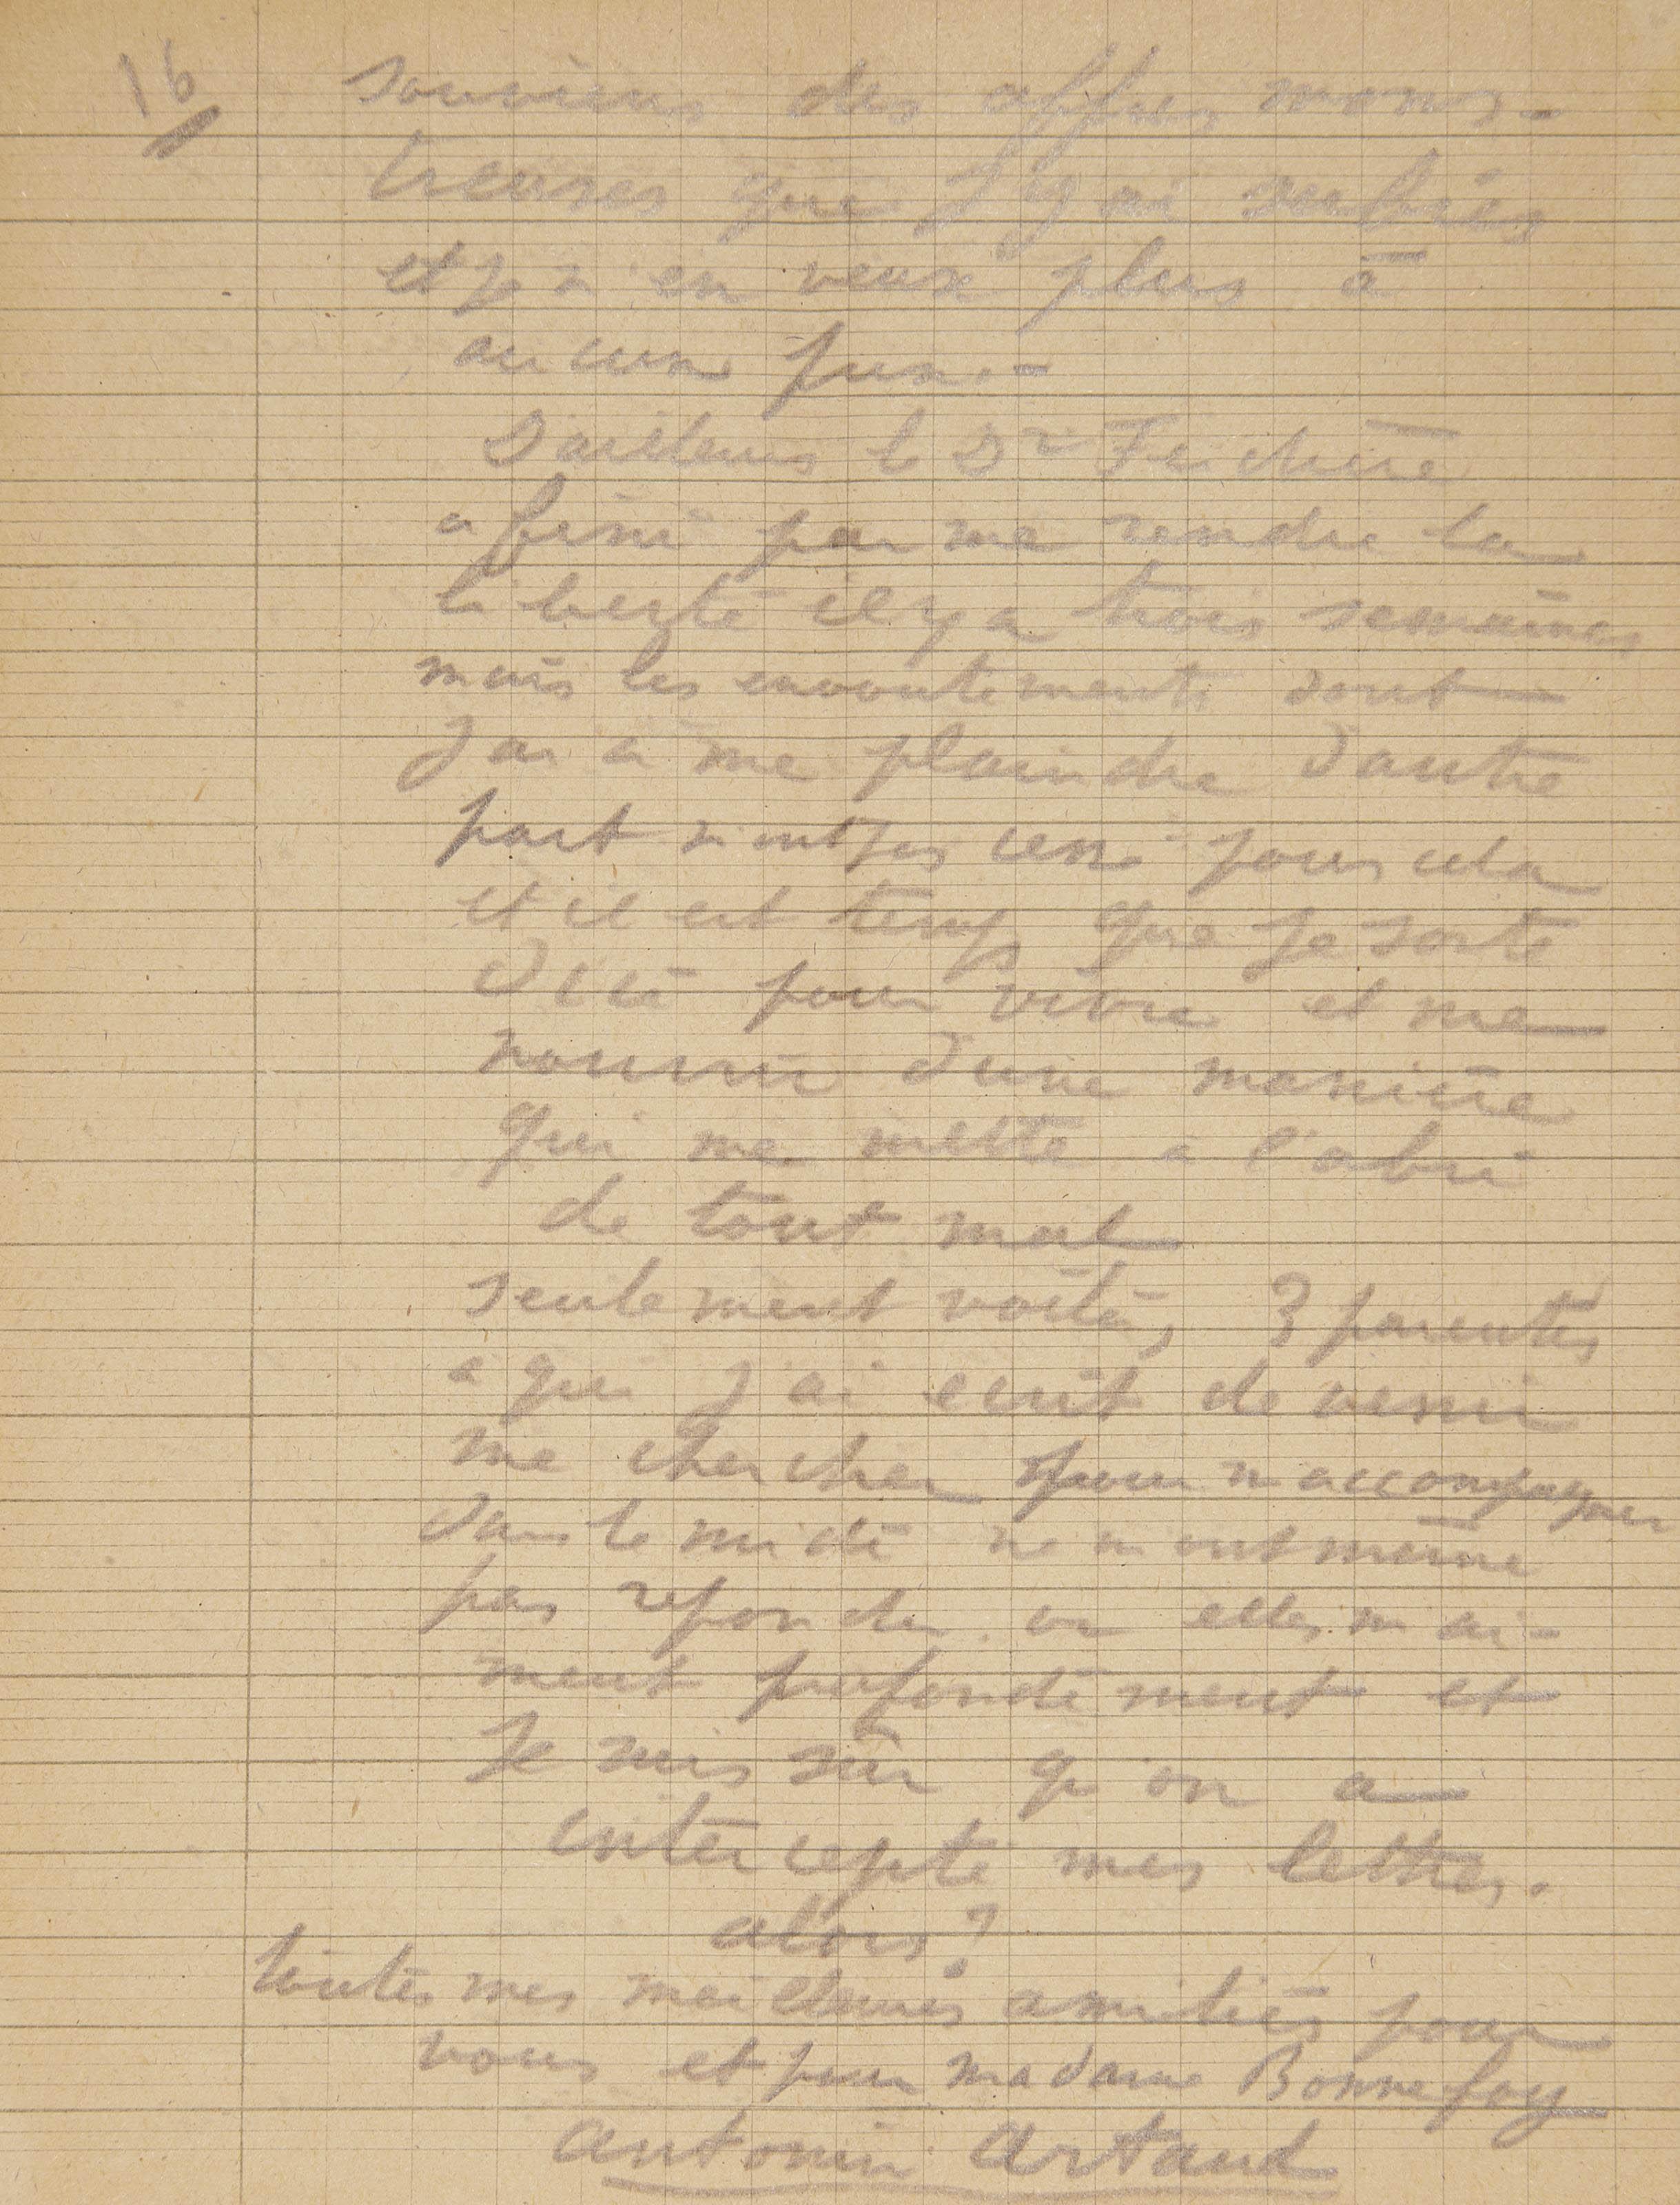 ARTAUD, Antonin (1896-1948). Lettre autographe signée de 16 pages recto-verso in-8 (210 x 160 mm), crayon sur papier d'écolier, adressée à Jacques Bonnefoy et datée Rodez 13 septembre 1945. (Traces de pliures, manque de quelques lettres sur le premier feuillet qui a été collé sur l'enveloppe.)